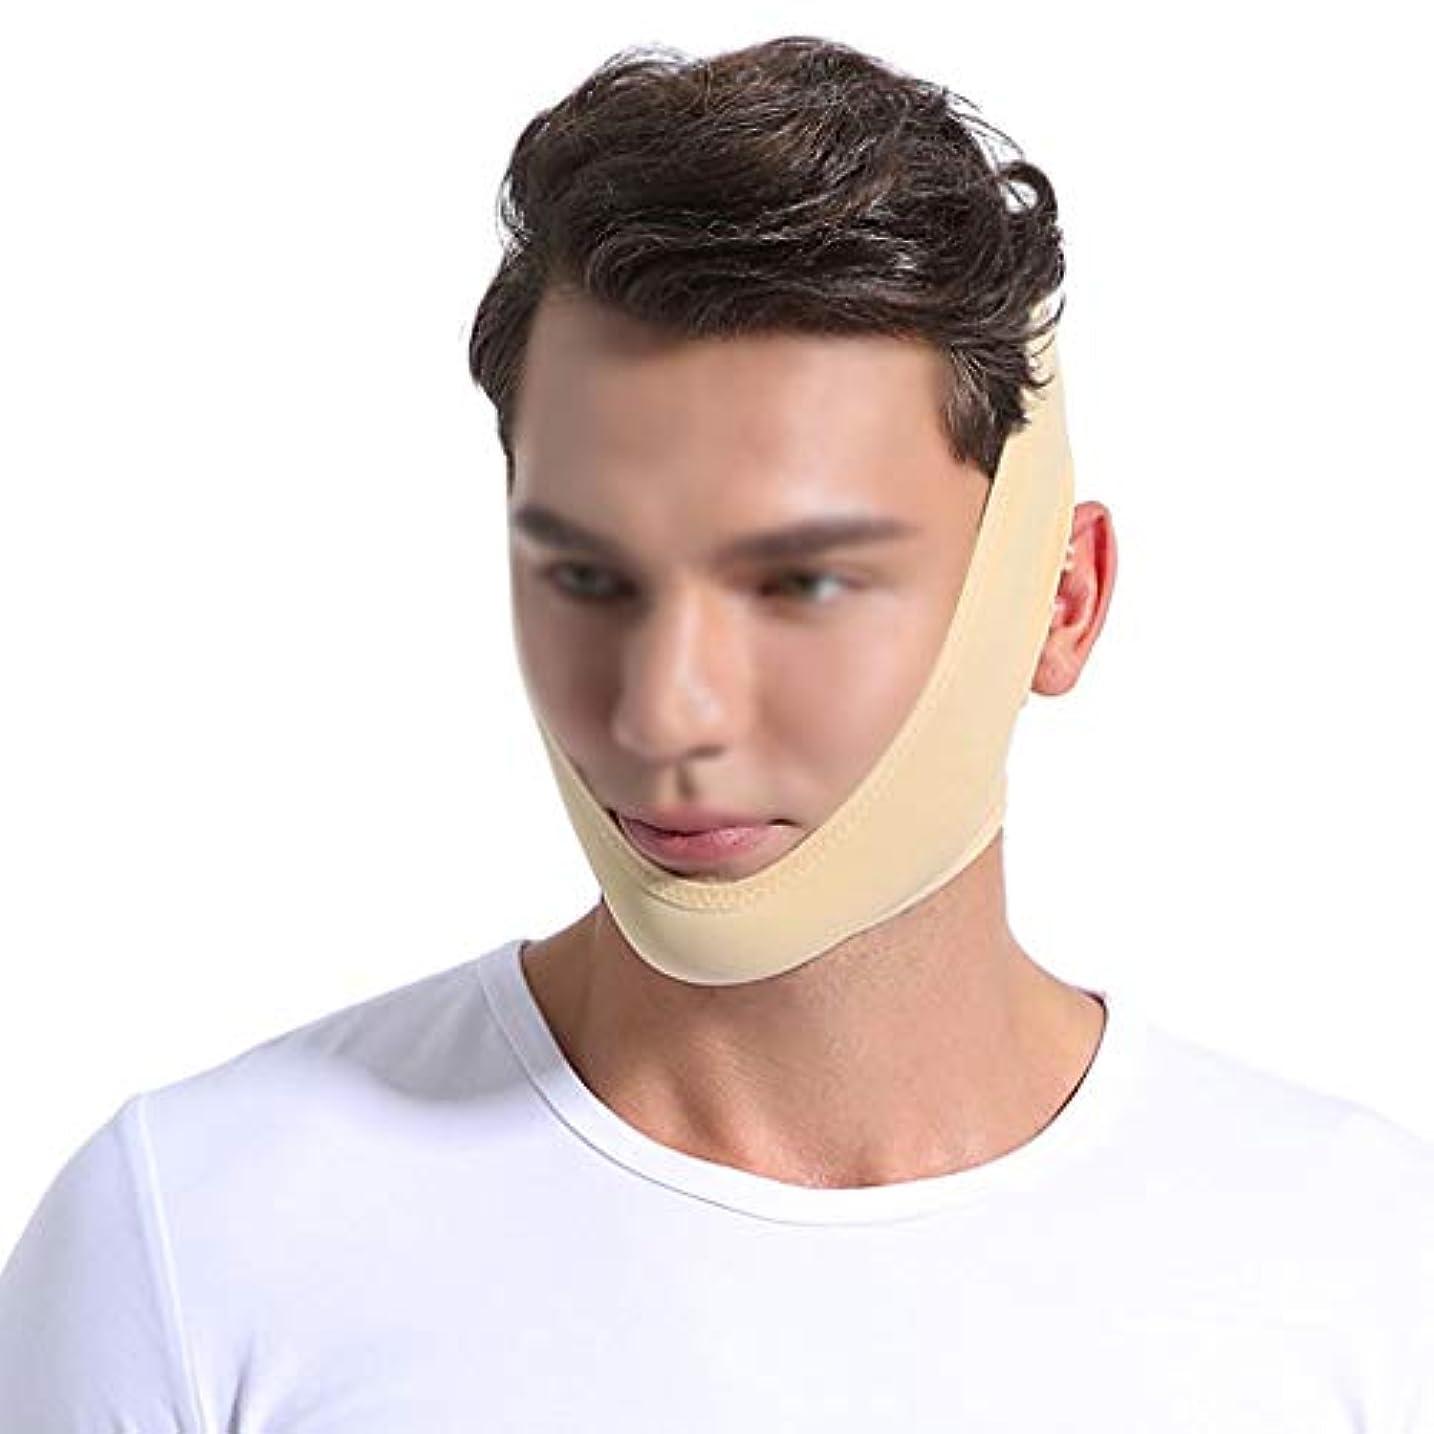 手入れ補助甘味XHLMRMJ 医療ワイヤーカービング、男性と女性の顔の弾性包帯ヘッドギア結ばれた小さなV顔薄いフェイスマスクを結んだ後リフティングマスクを再開